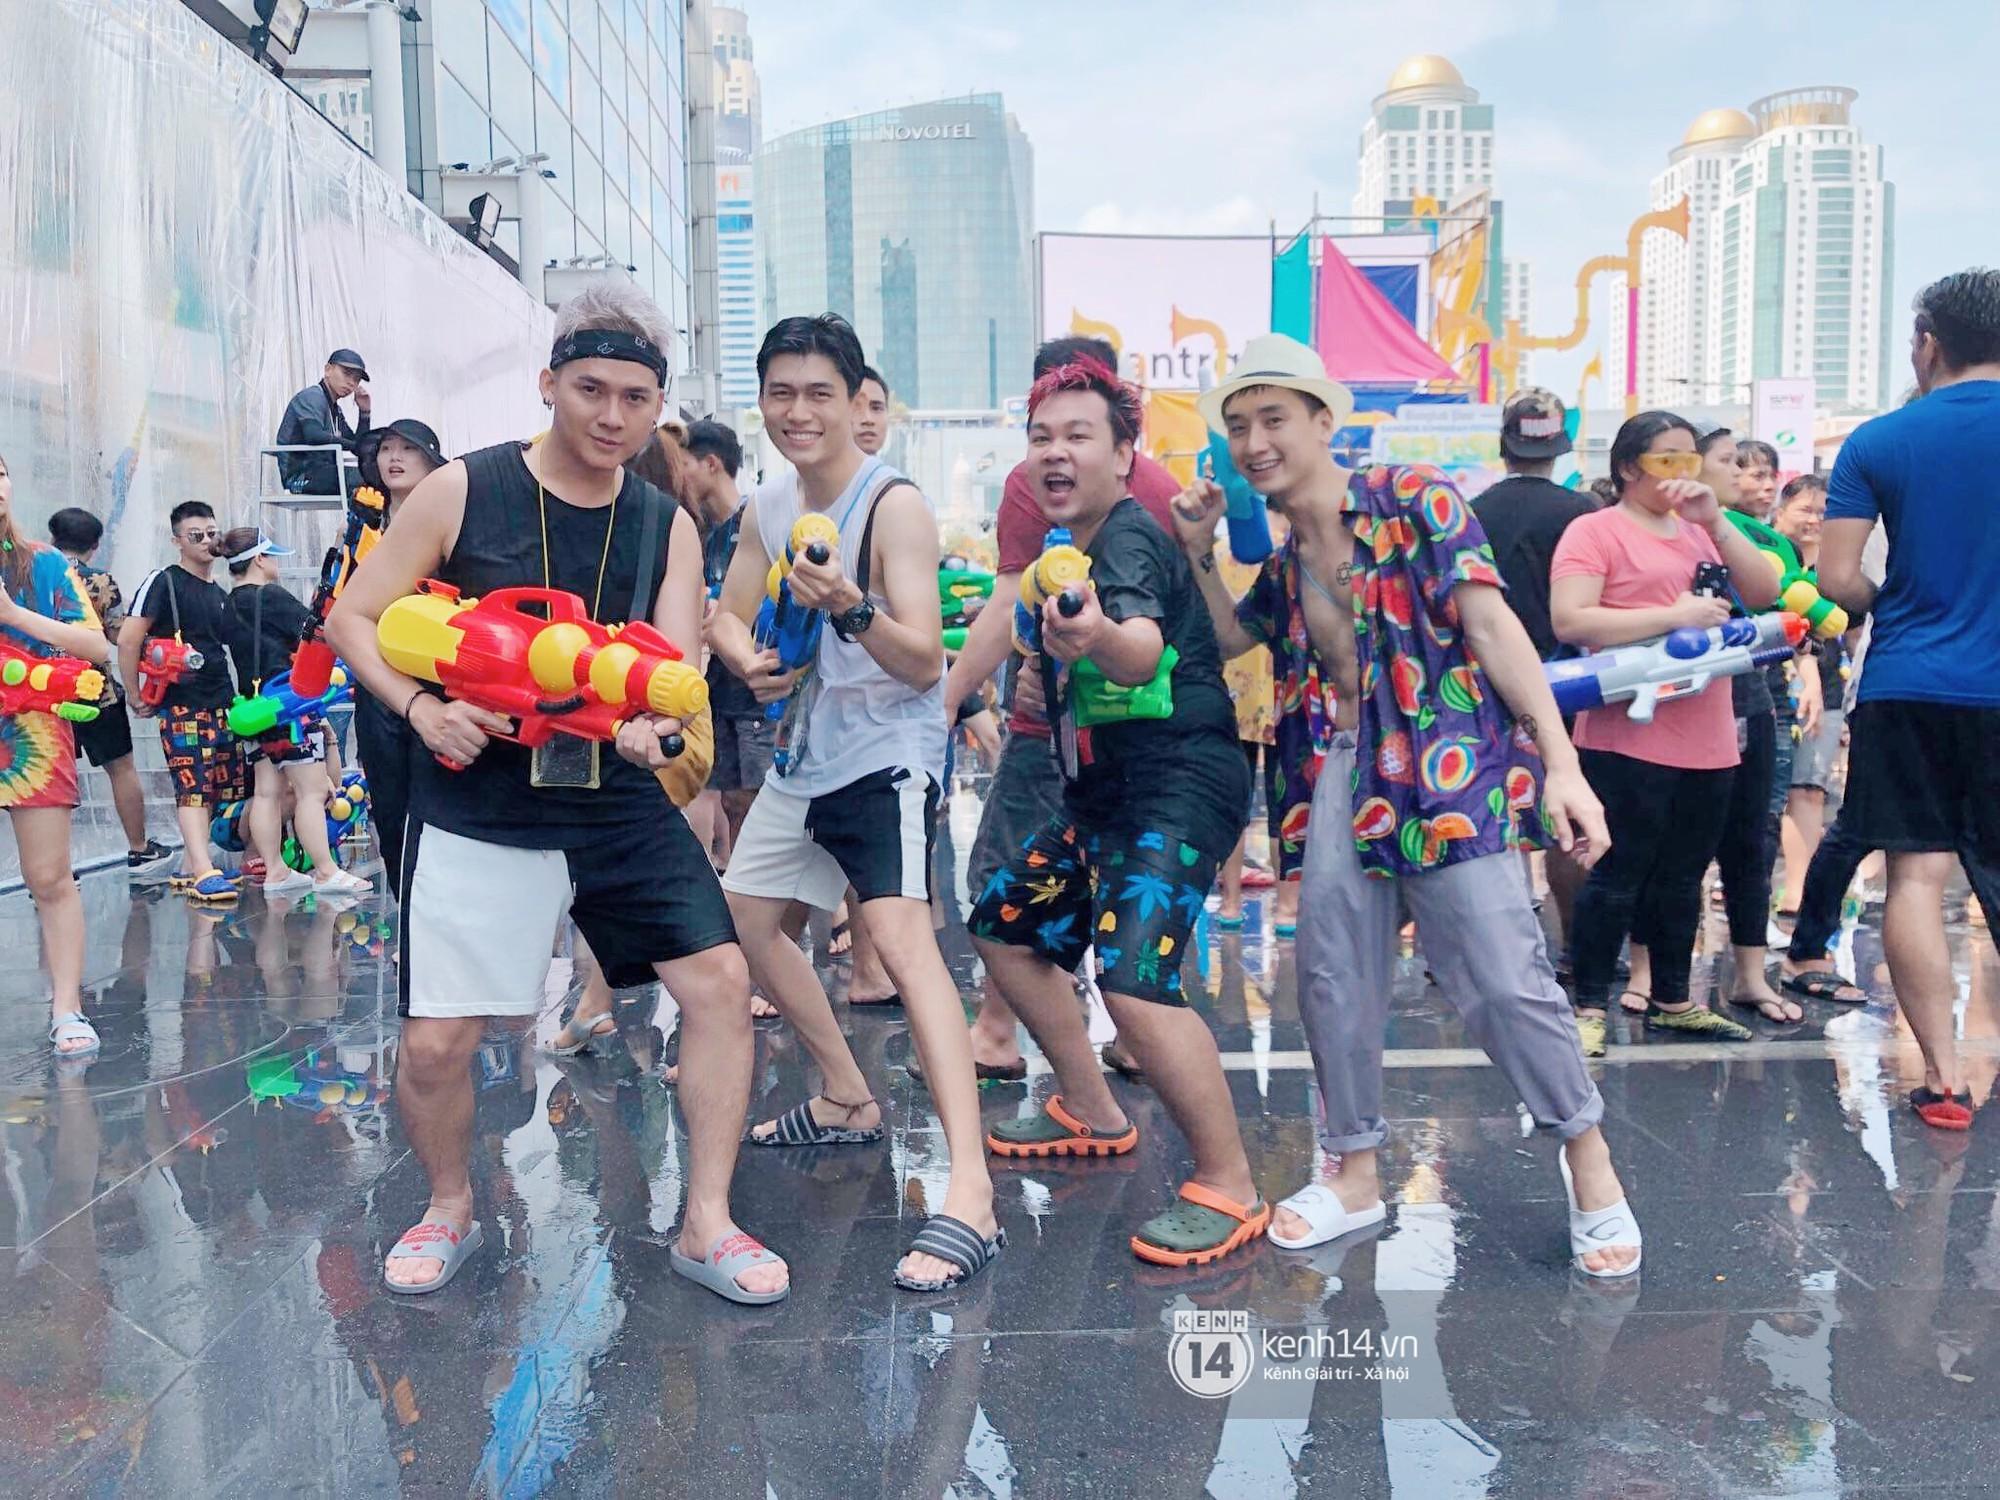 Hàng ngàn bạn trẻ Việt đang đổ về Bangkok để hoà vào dòng người chơi té nước Songkran! - Ảnh 8.